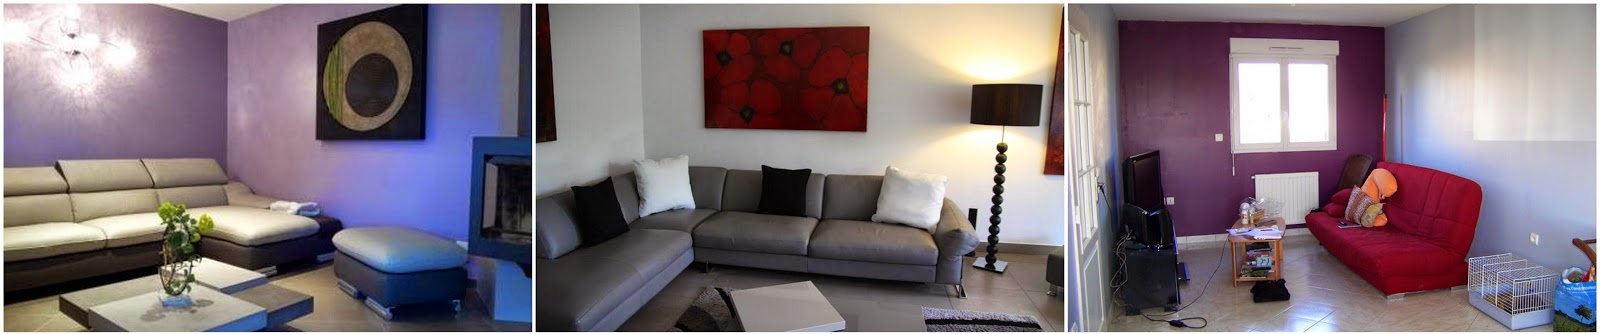 renovation travaux peintre en batiment salon paris entreprise de peinture paris. Black Bedroom Furniture Sets. Home Design Ideas